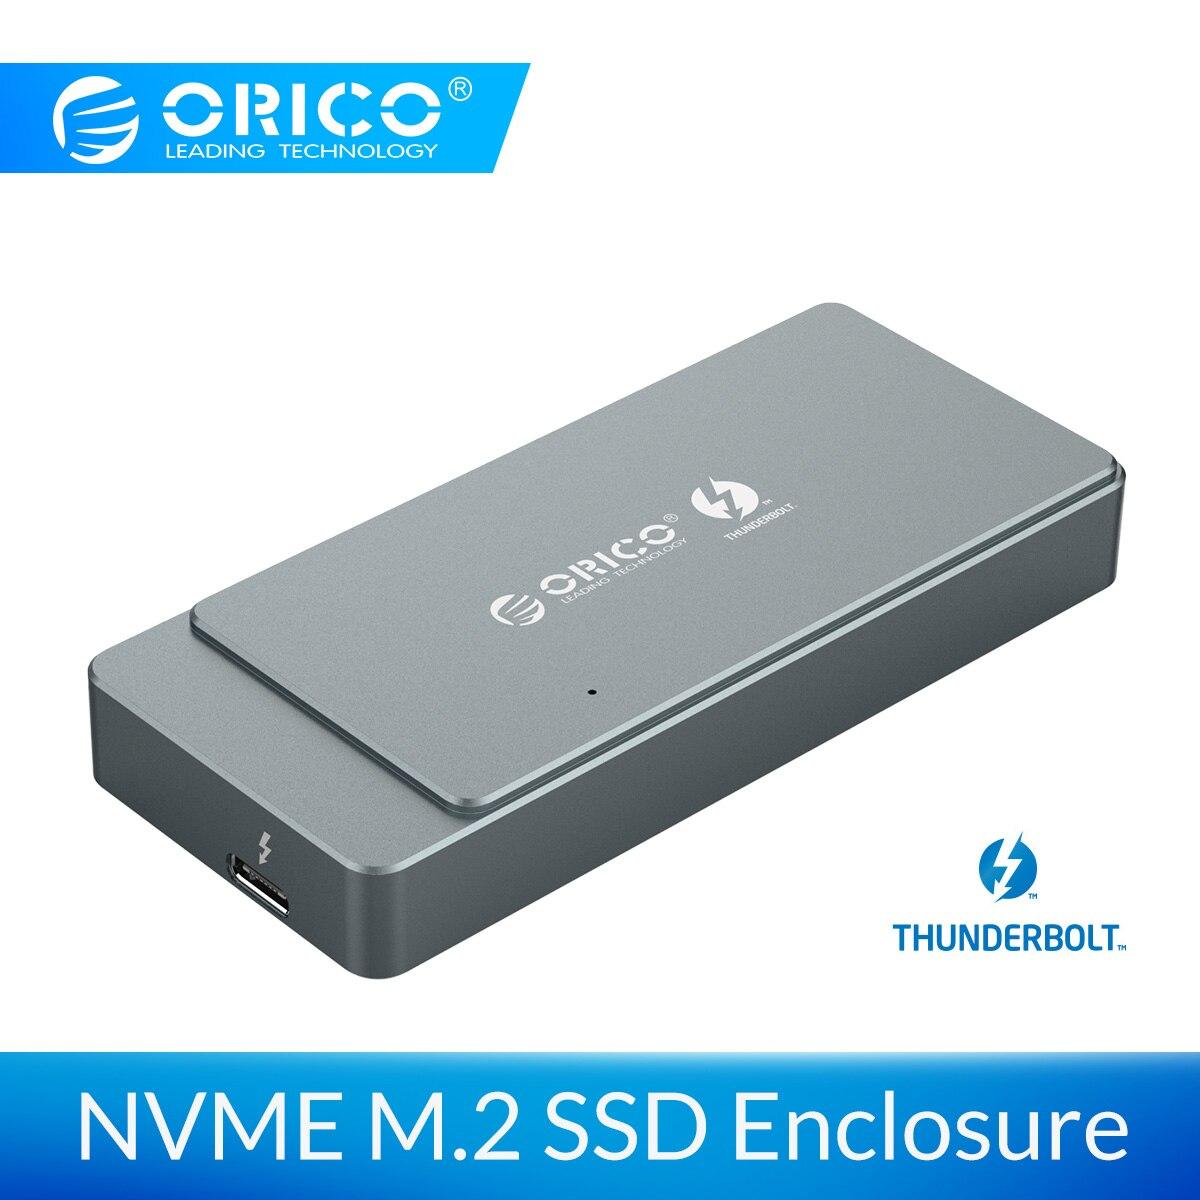 ORICO Thunderbolt 3 40 Гбит/с M.2 Накопитель SSD с протоколом NVME вспомогательное устройство 2 ТБ алюминий с 40 Гбит/с Thunderbolt 3 C к C кабель для окна Mac